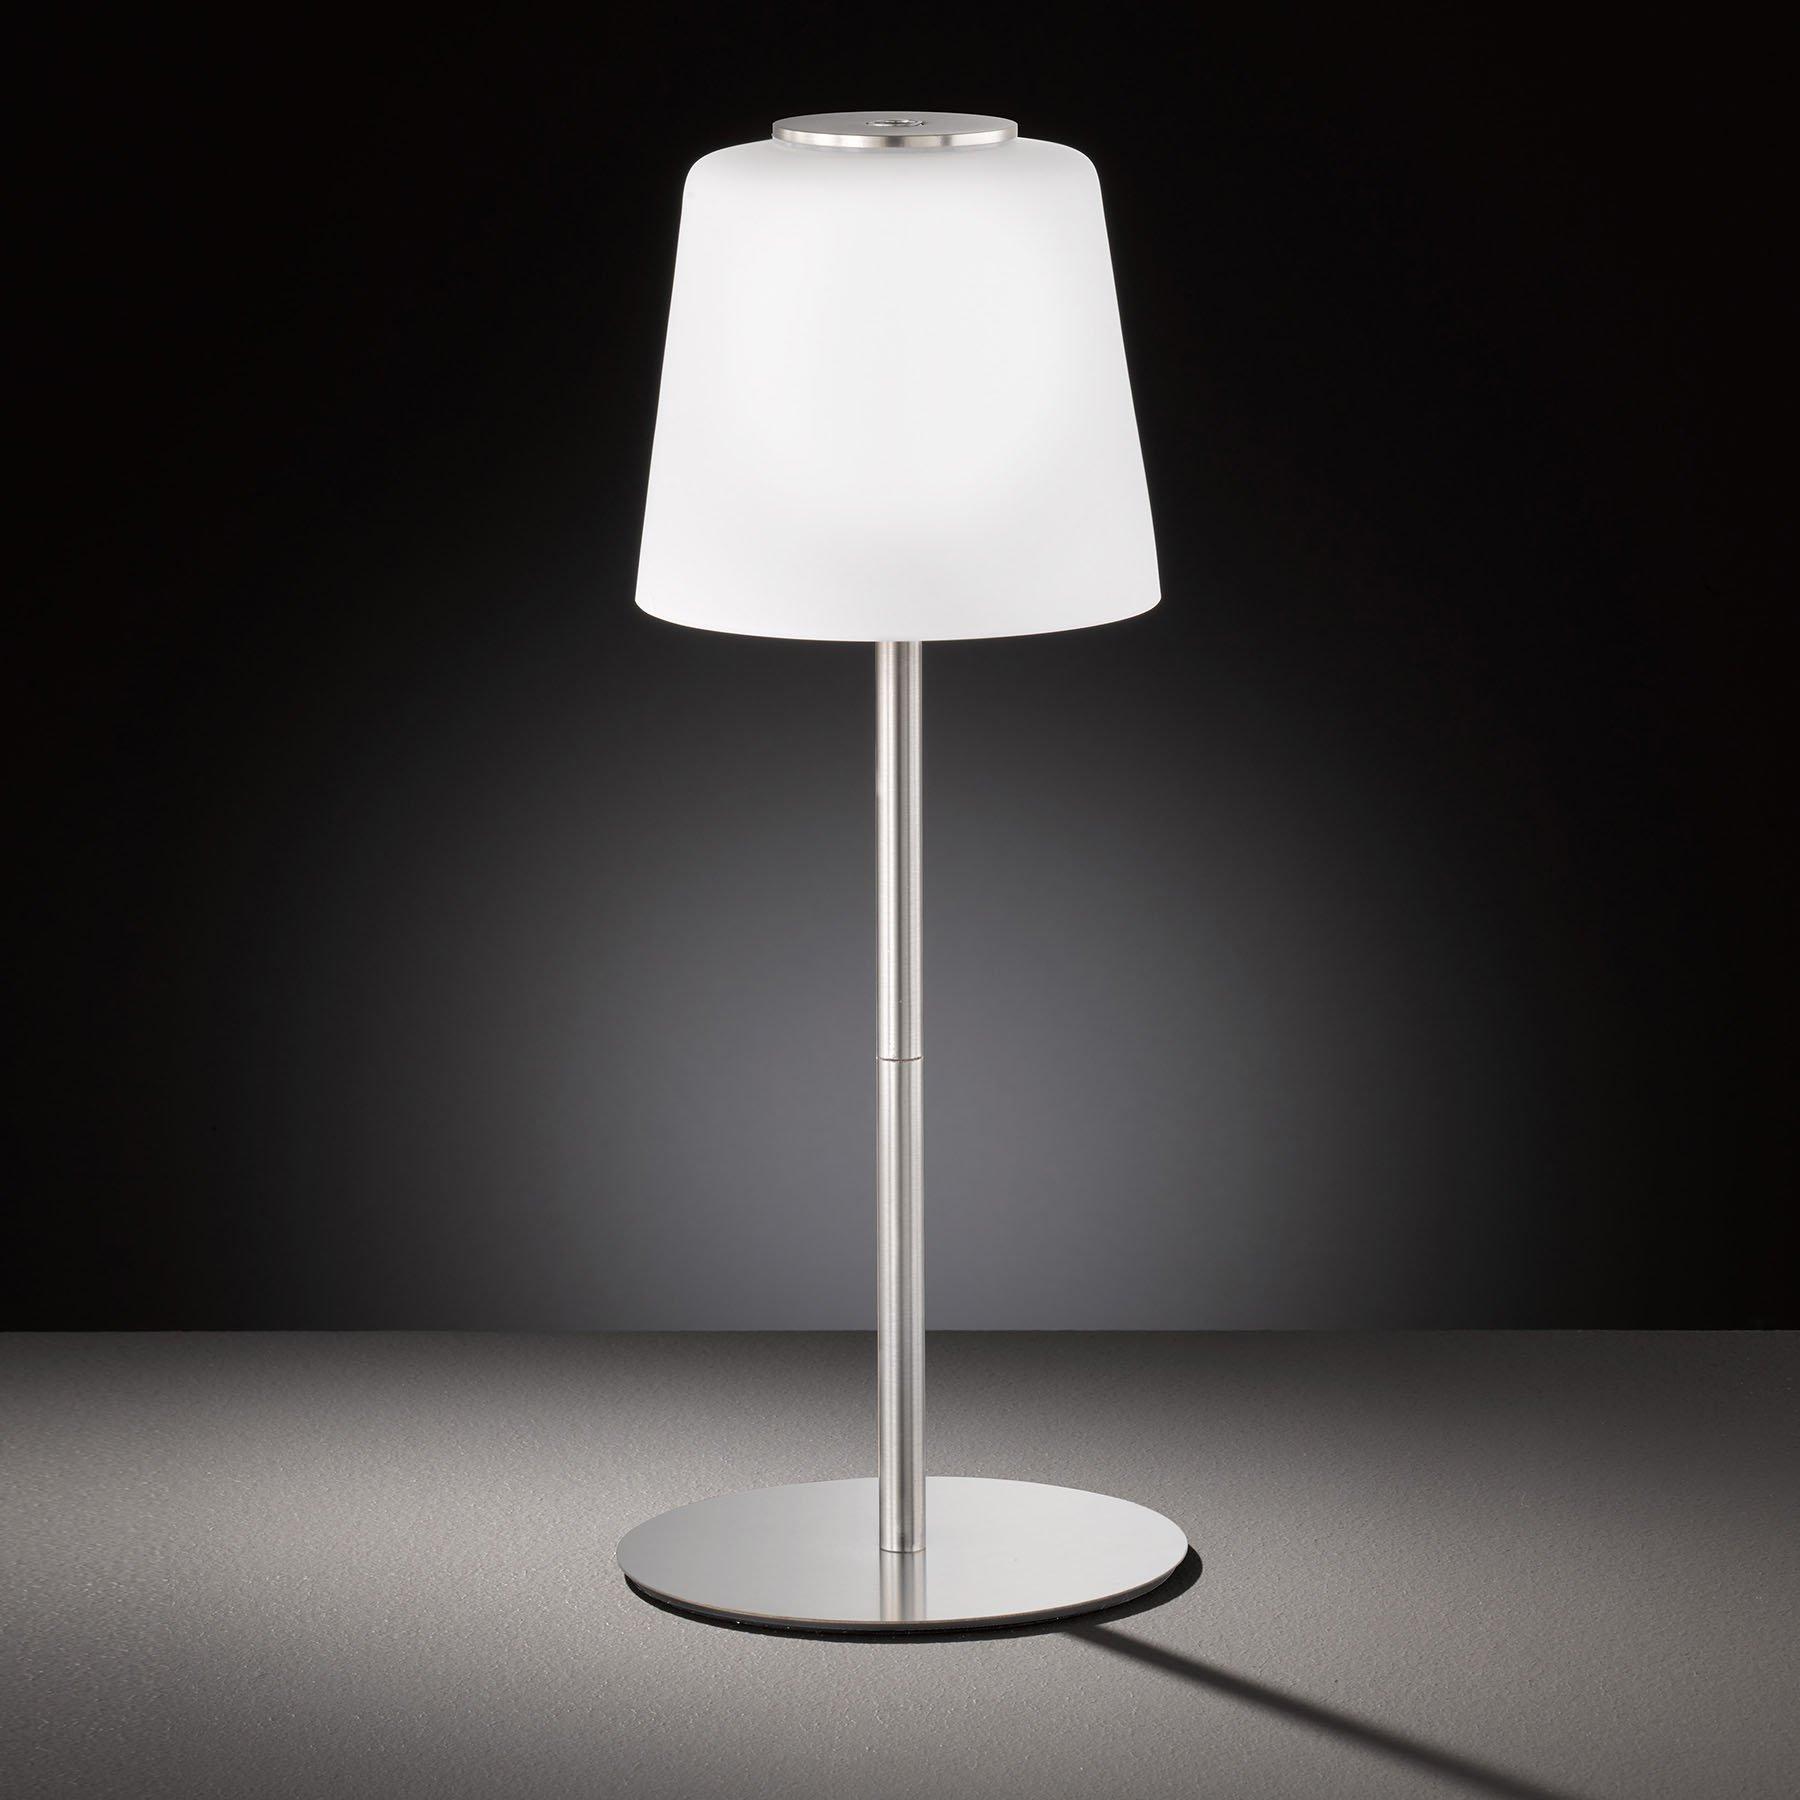 LED-bordlampe Genk med batteri og touchdimmer